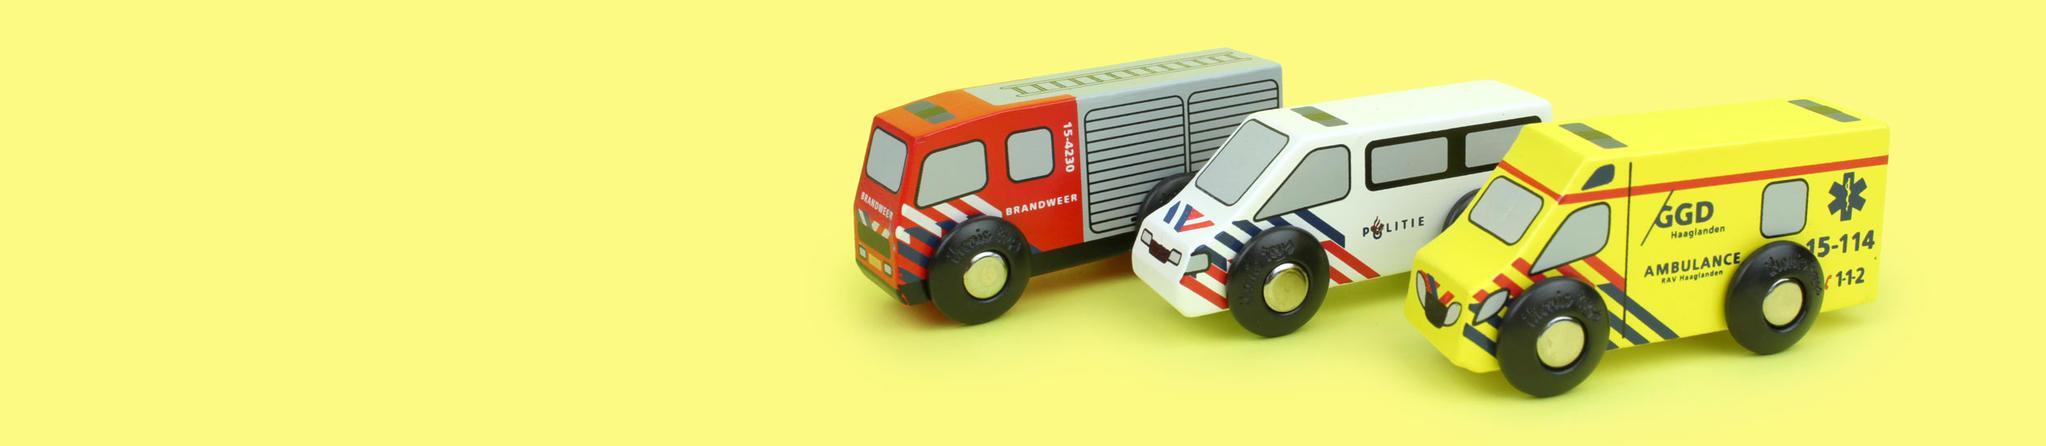 Houten politie auto, brandweer en ziekenauto